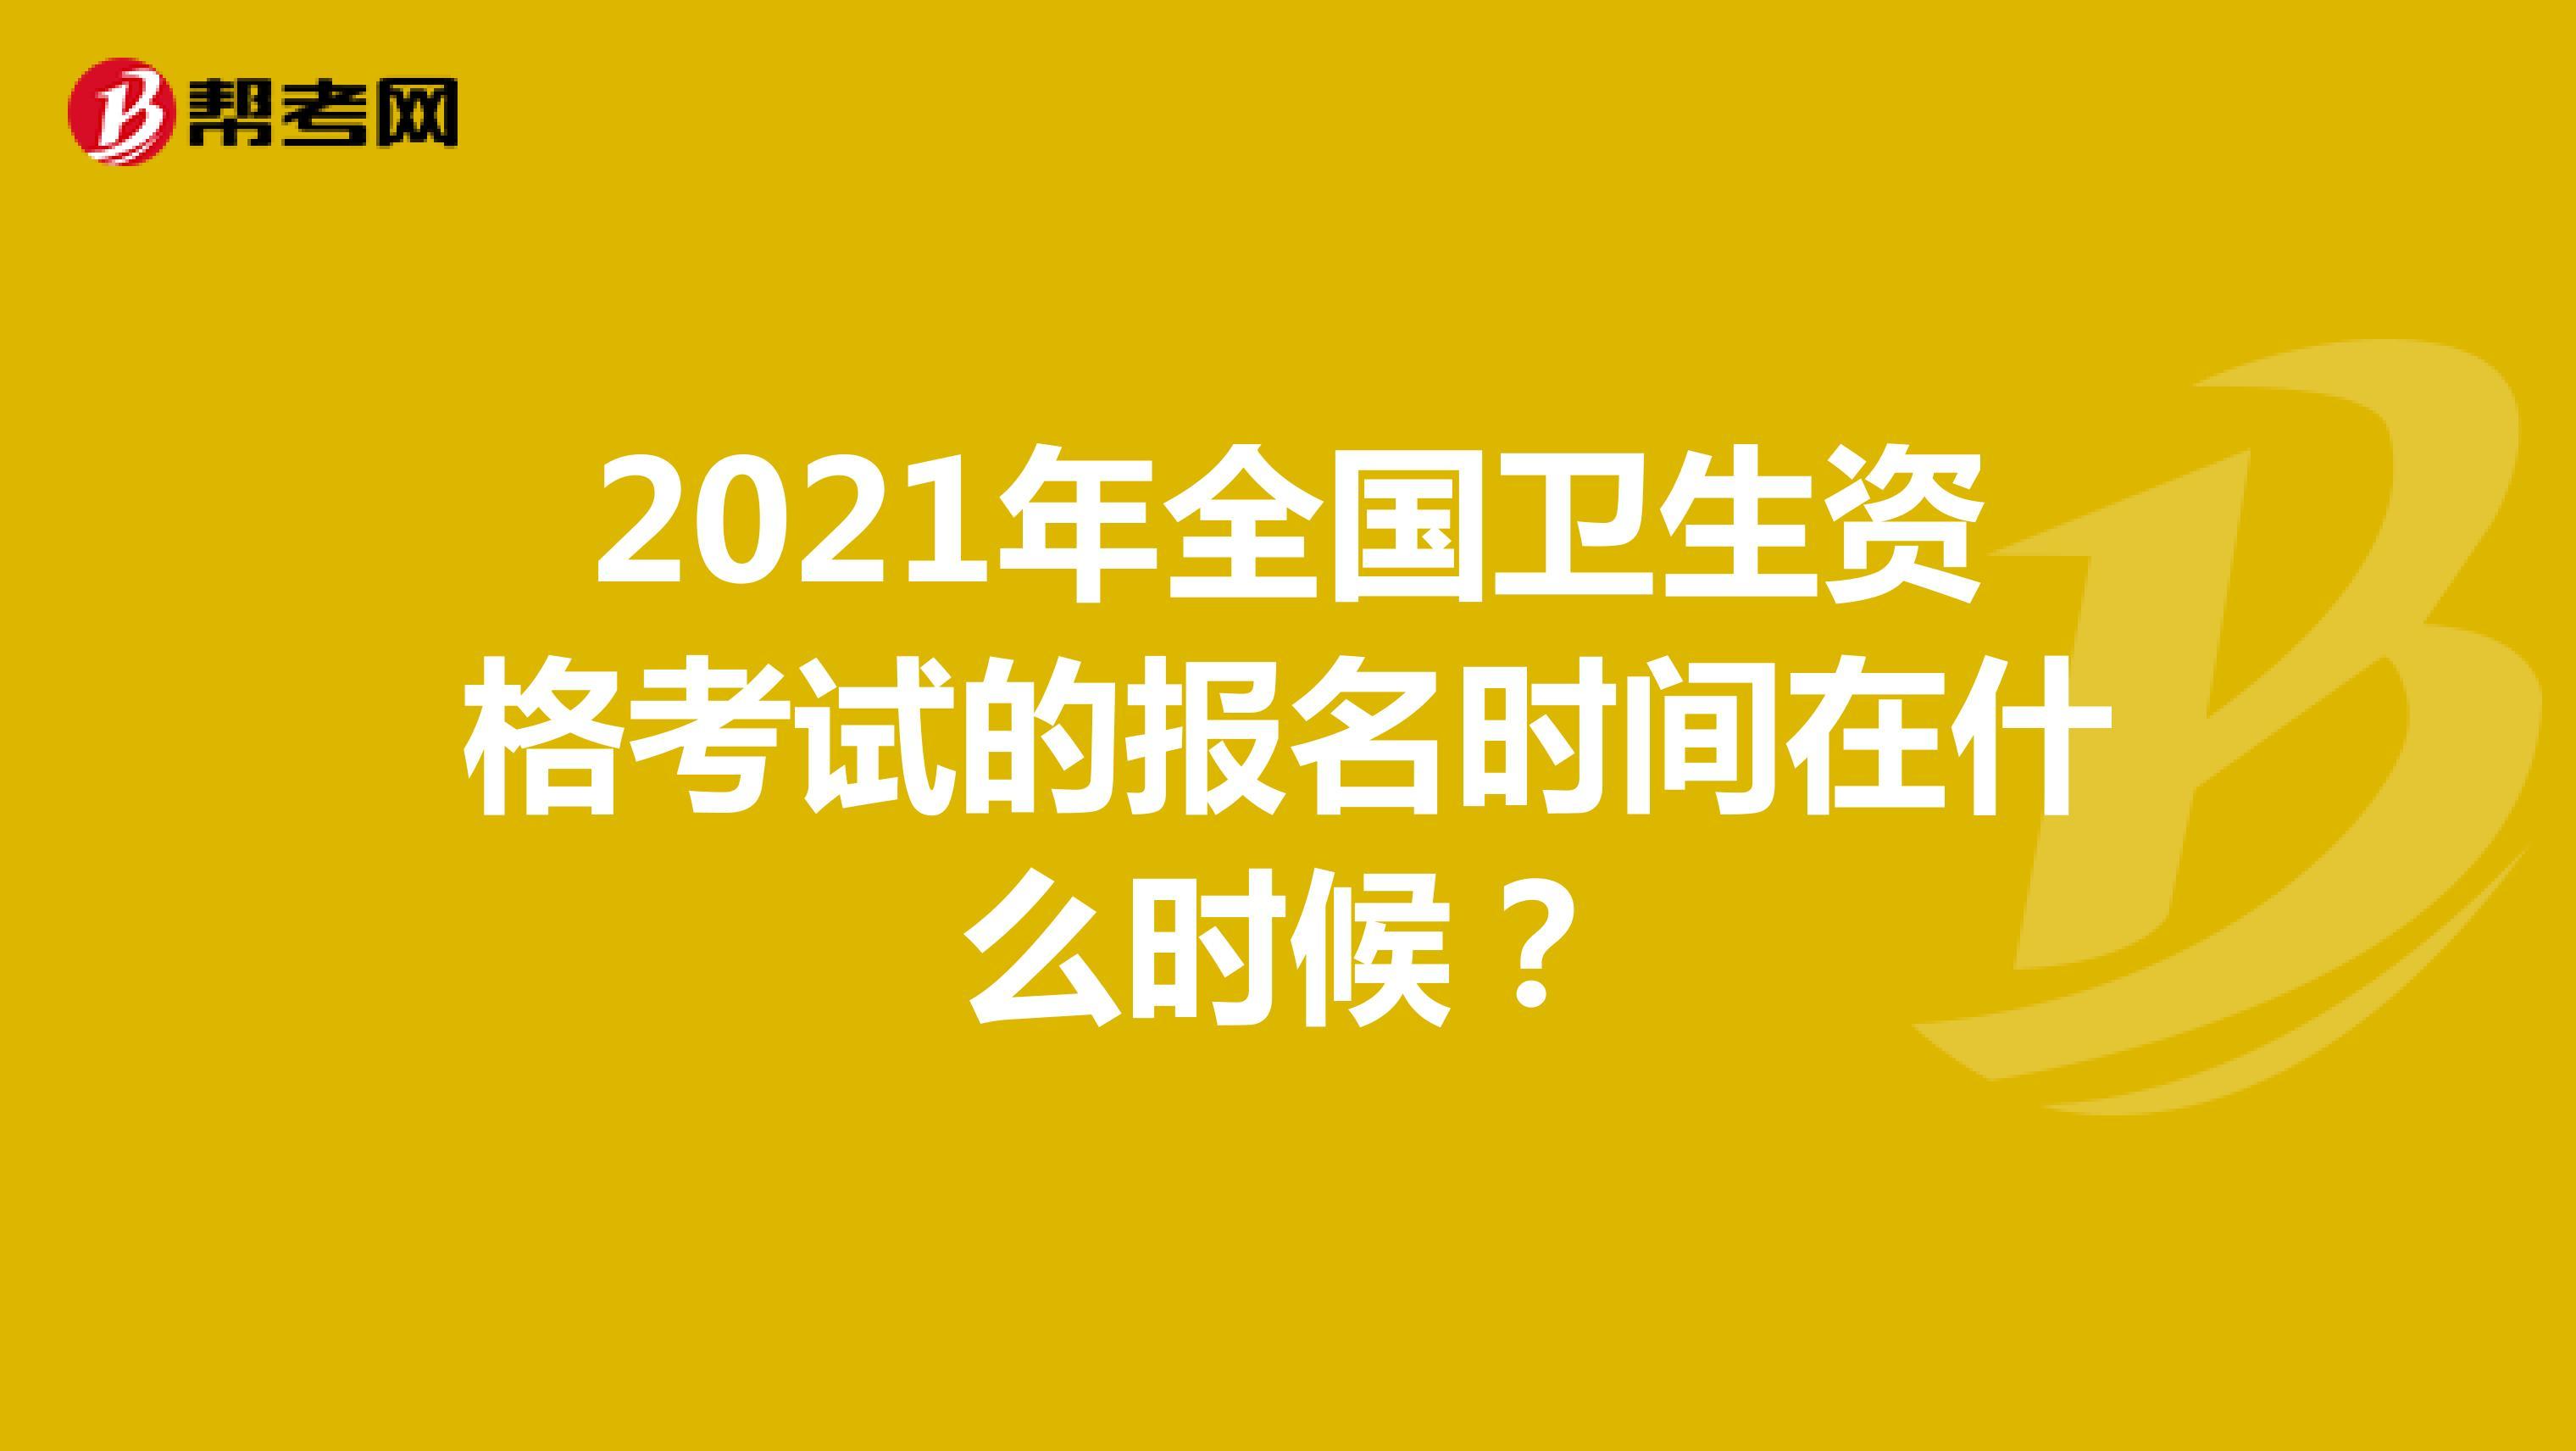 2021年全國衛生資格考試的報名時間在什么時候?